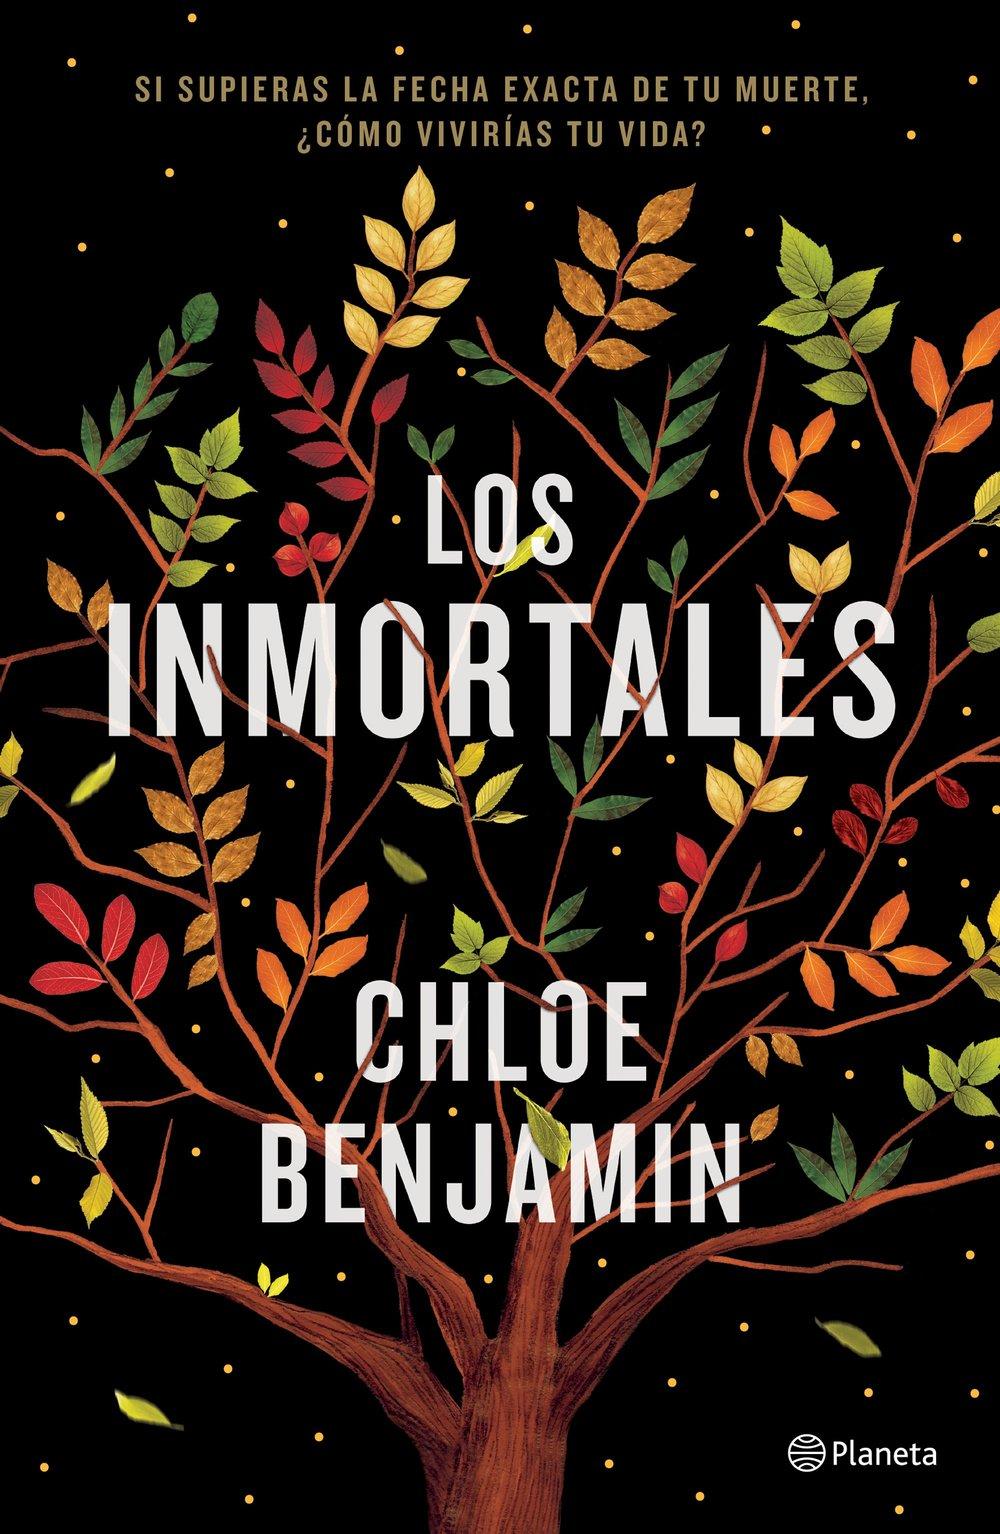 265999_portada_los-inmortales_chloe-benjamin_201802200258.jpg